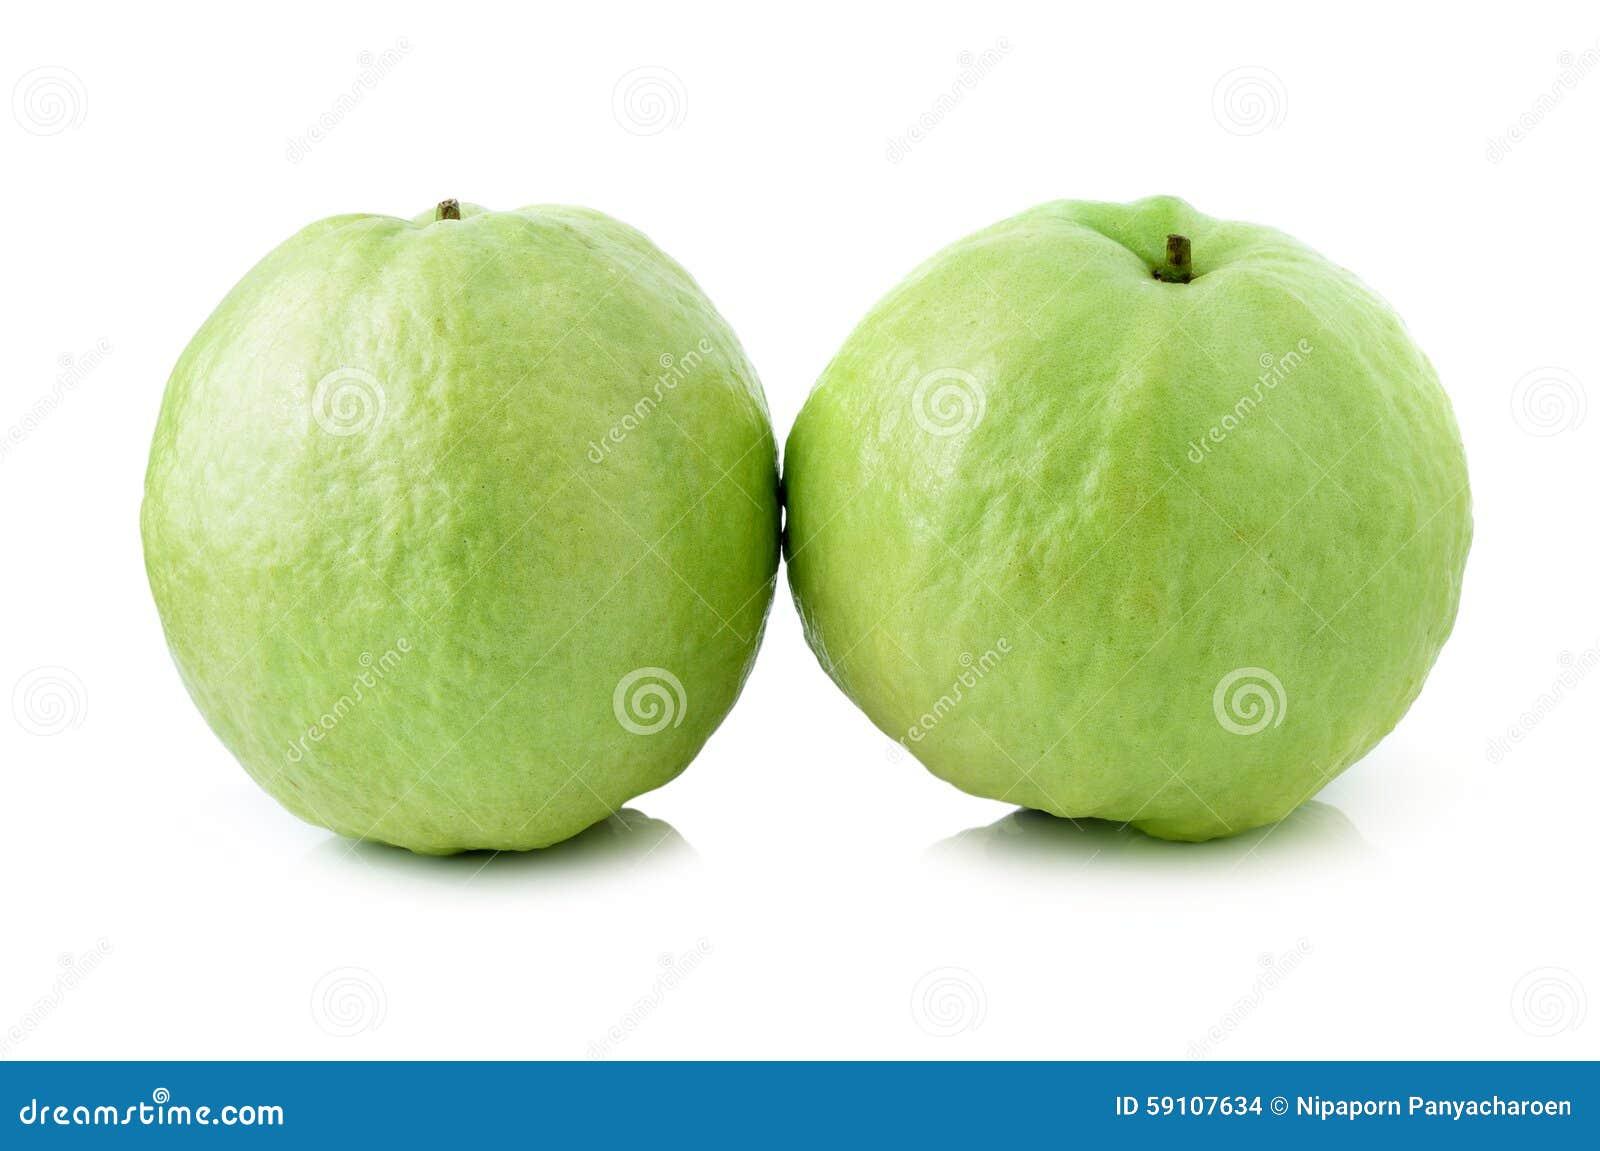 番石榴(热带水果)